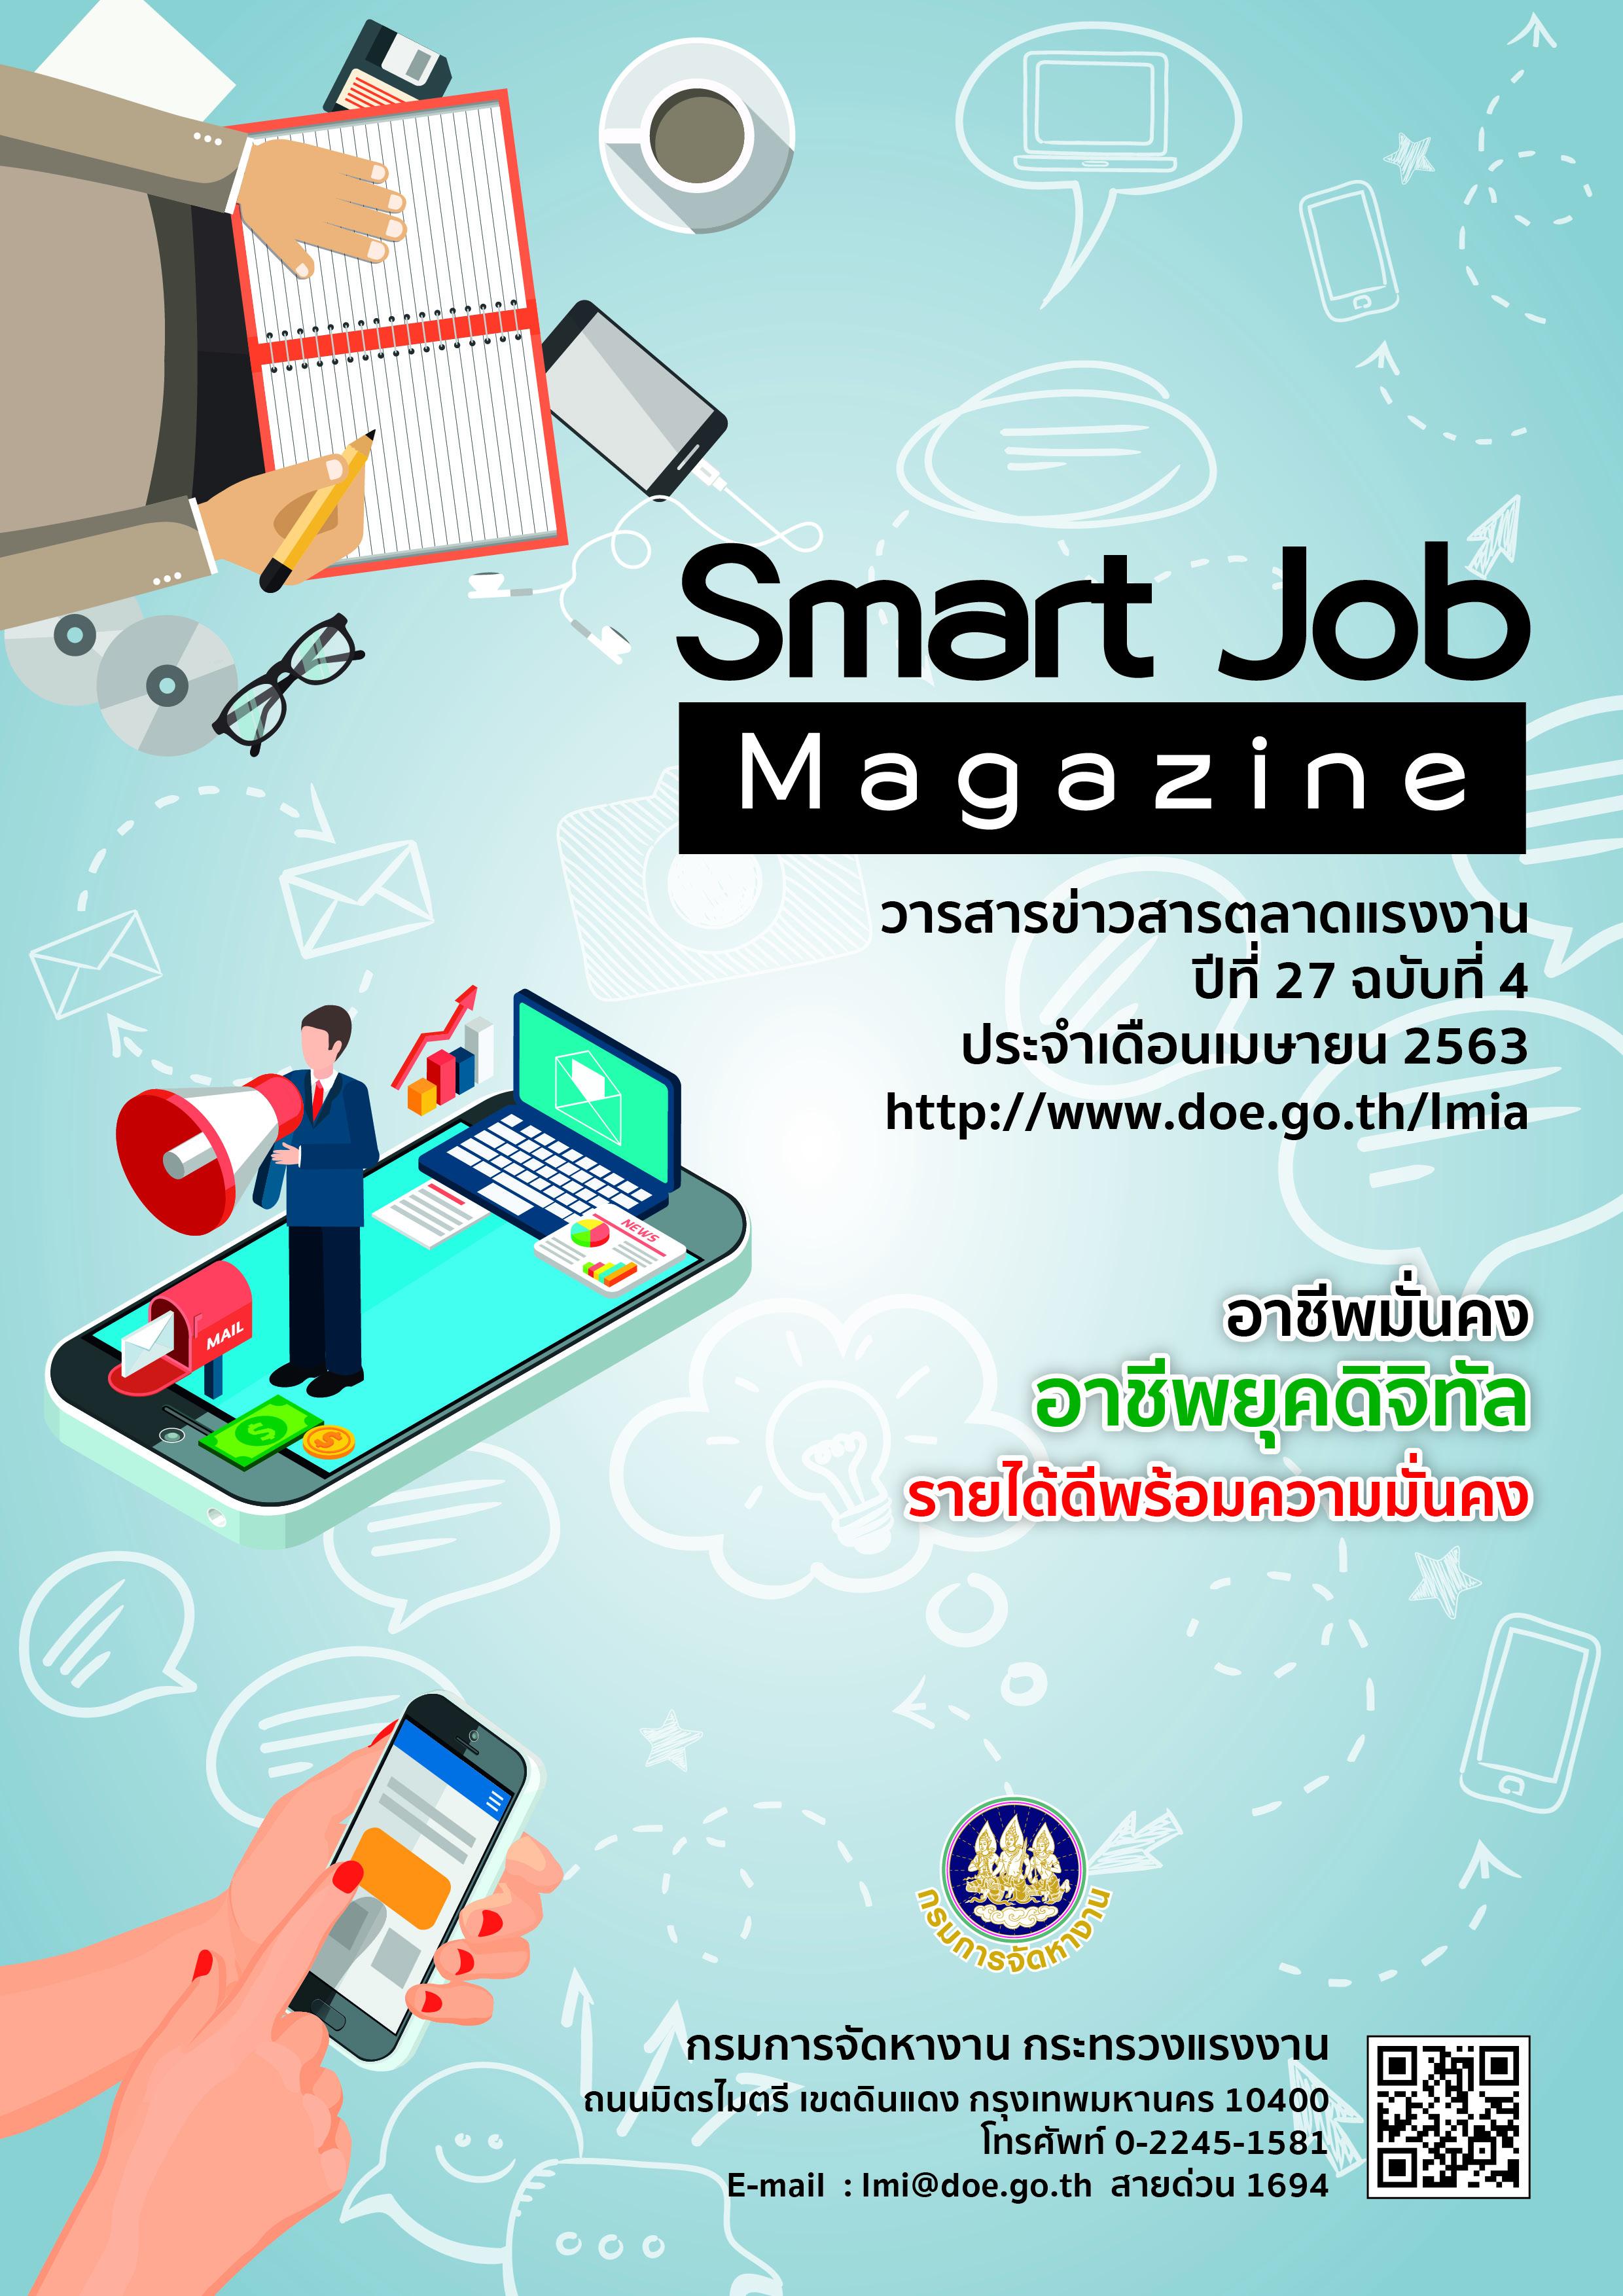 วารสารข่าวสารตลาดแรงงาน Smart Job Magazine ประจำเดือนเมษายน 2563